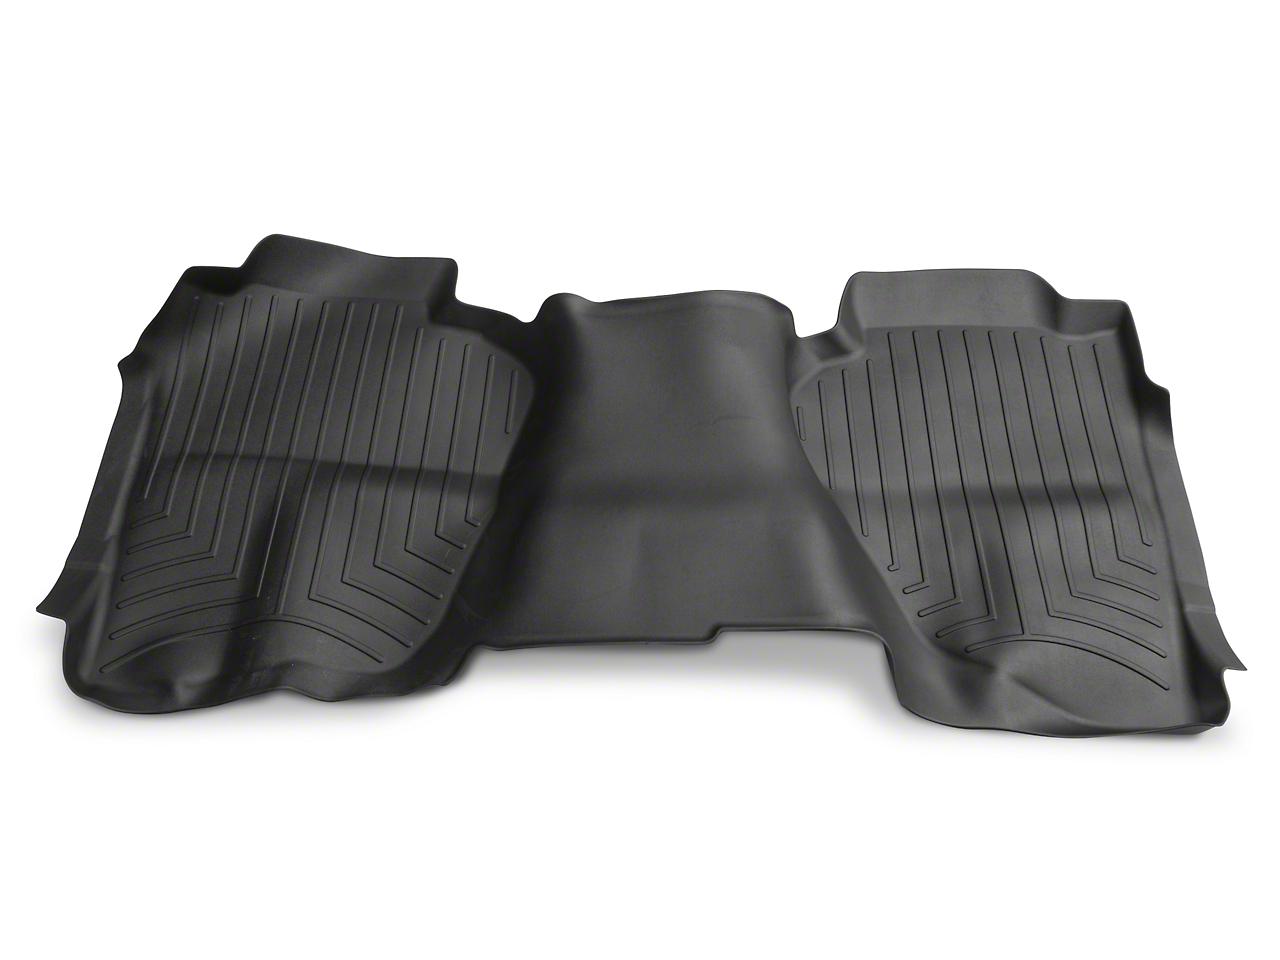 Weathertech DigitalFit Rear Floor Liner - Black (14-18 Silverado 1500 Double Cab, Crew Cab)